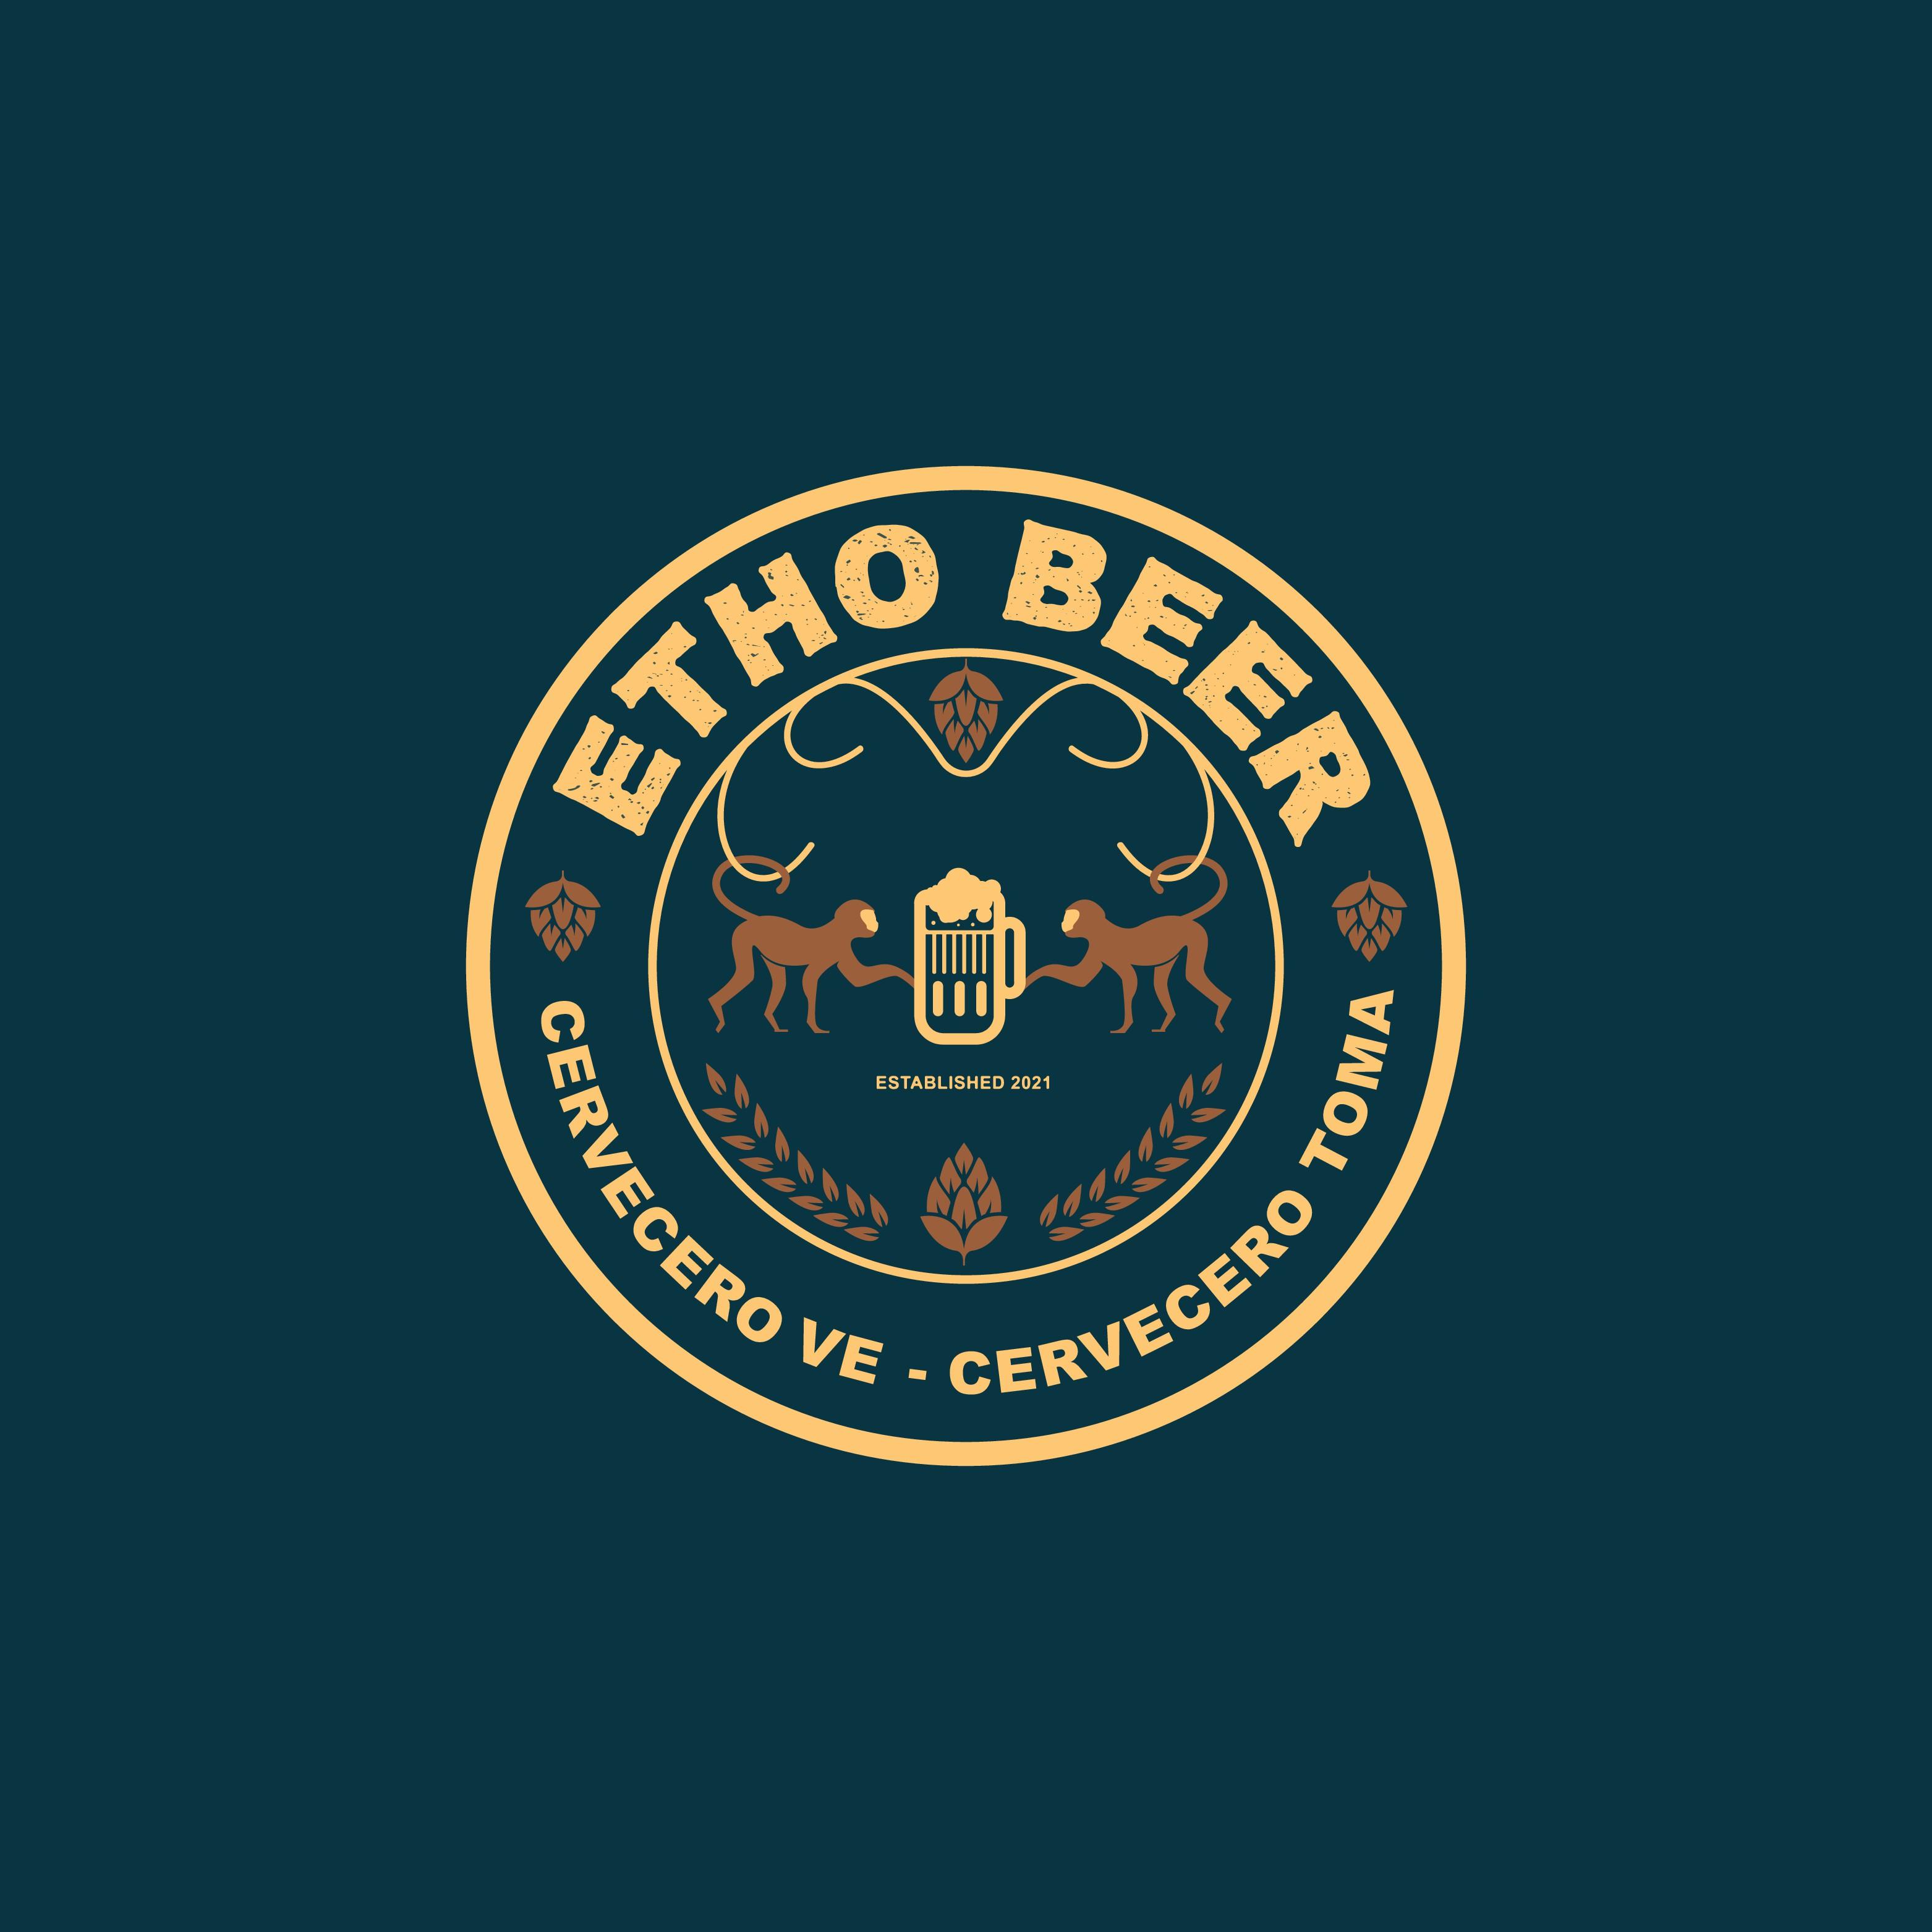 Necesitamos un diseño de logotipo para un bar de cerveza artesanal.